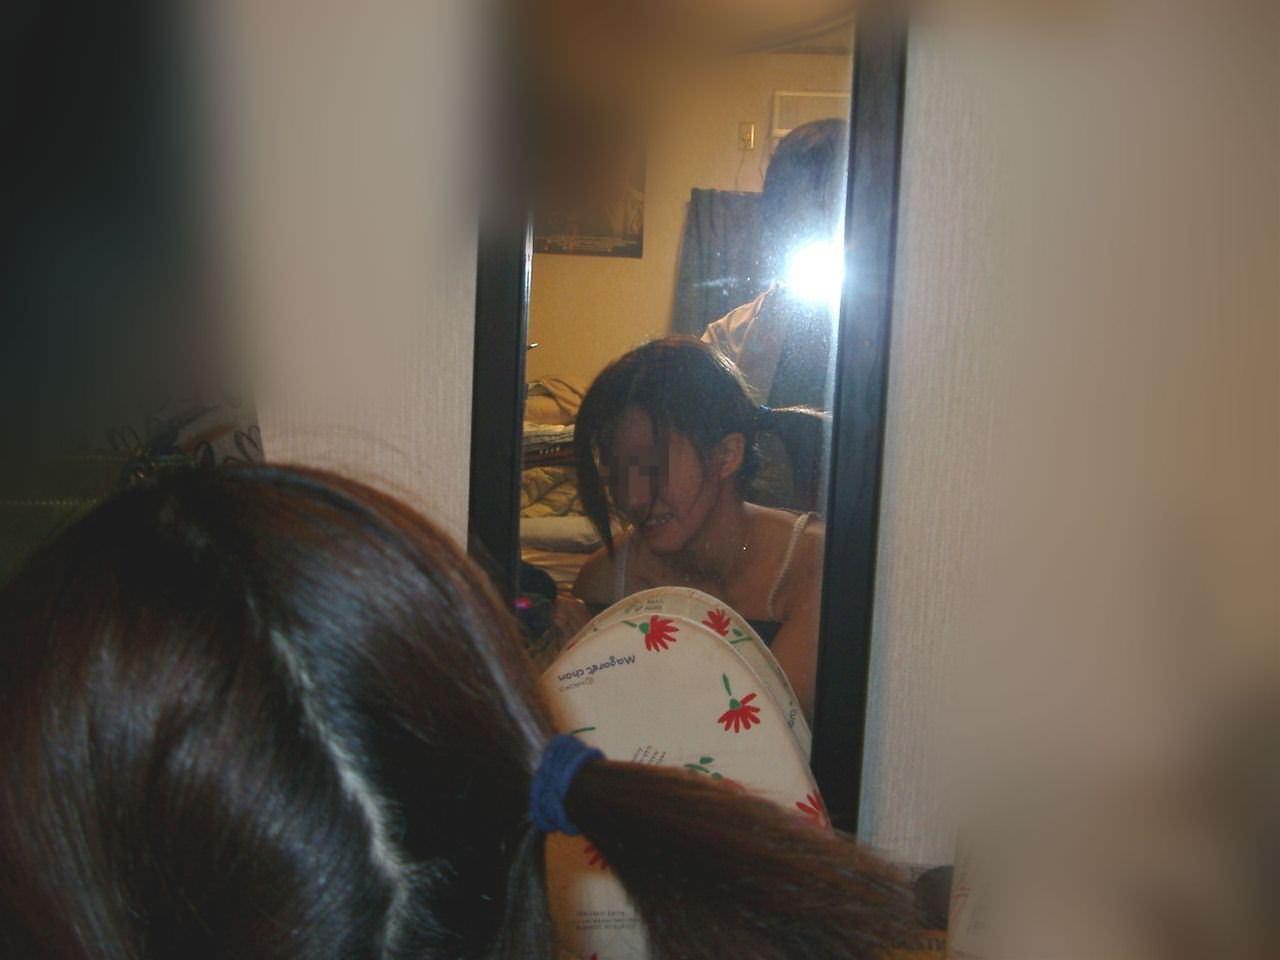 【ハメ撮り流出】素人セフレカップルが服も脱がずに求め合って鏡前でセクロス撮影wwwwwwwwwww 0212